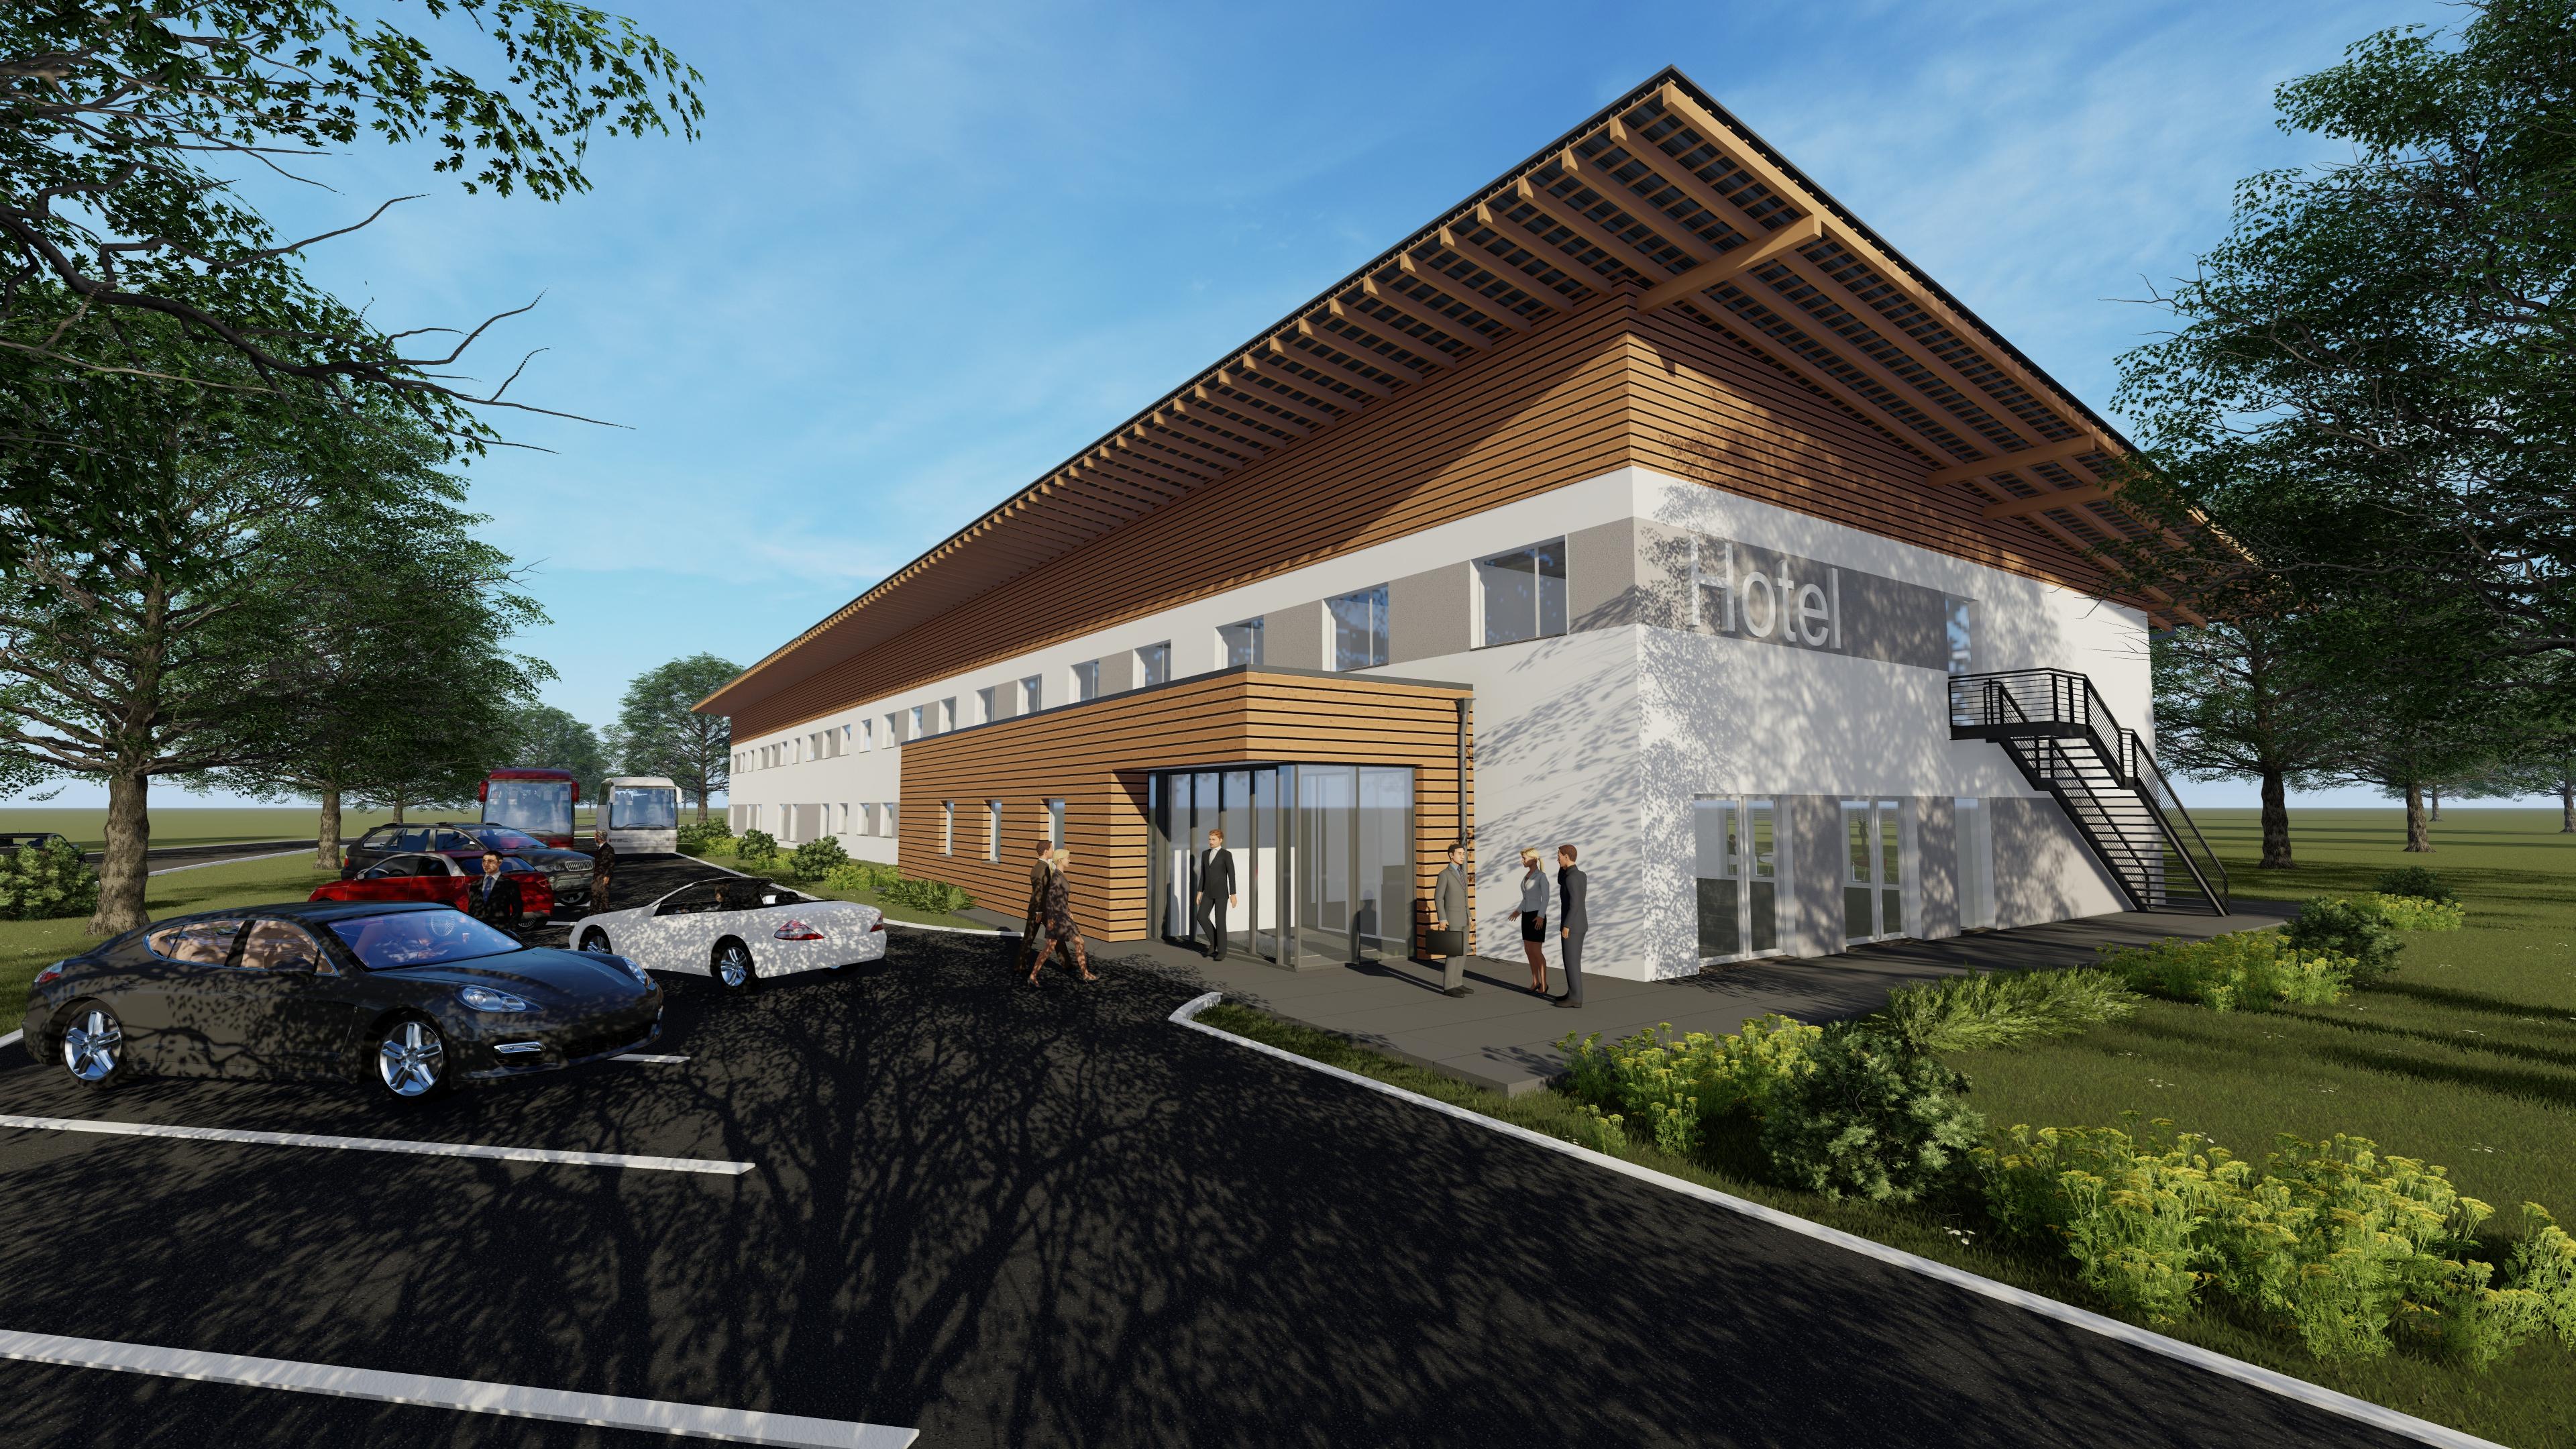 Hotelneubau Sonnenlandpark in Lichtenau – Baufortschritt